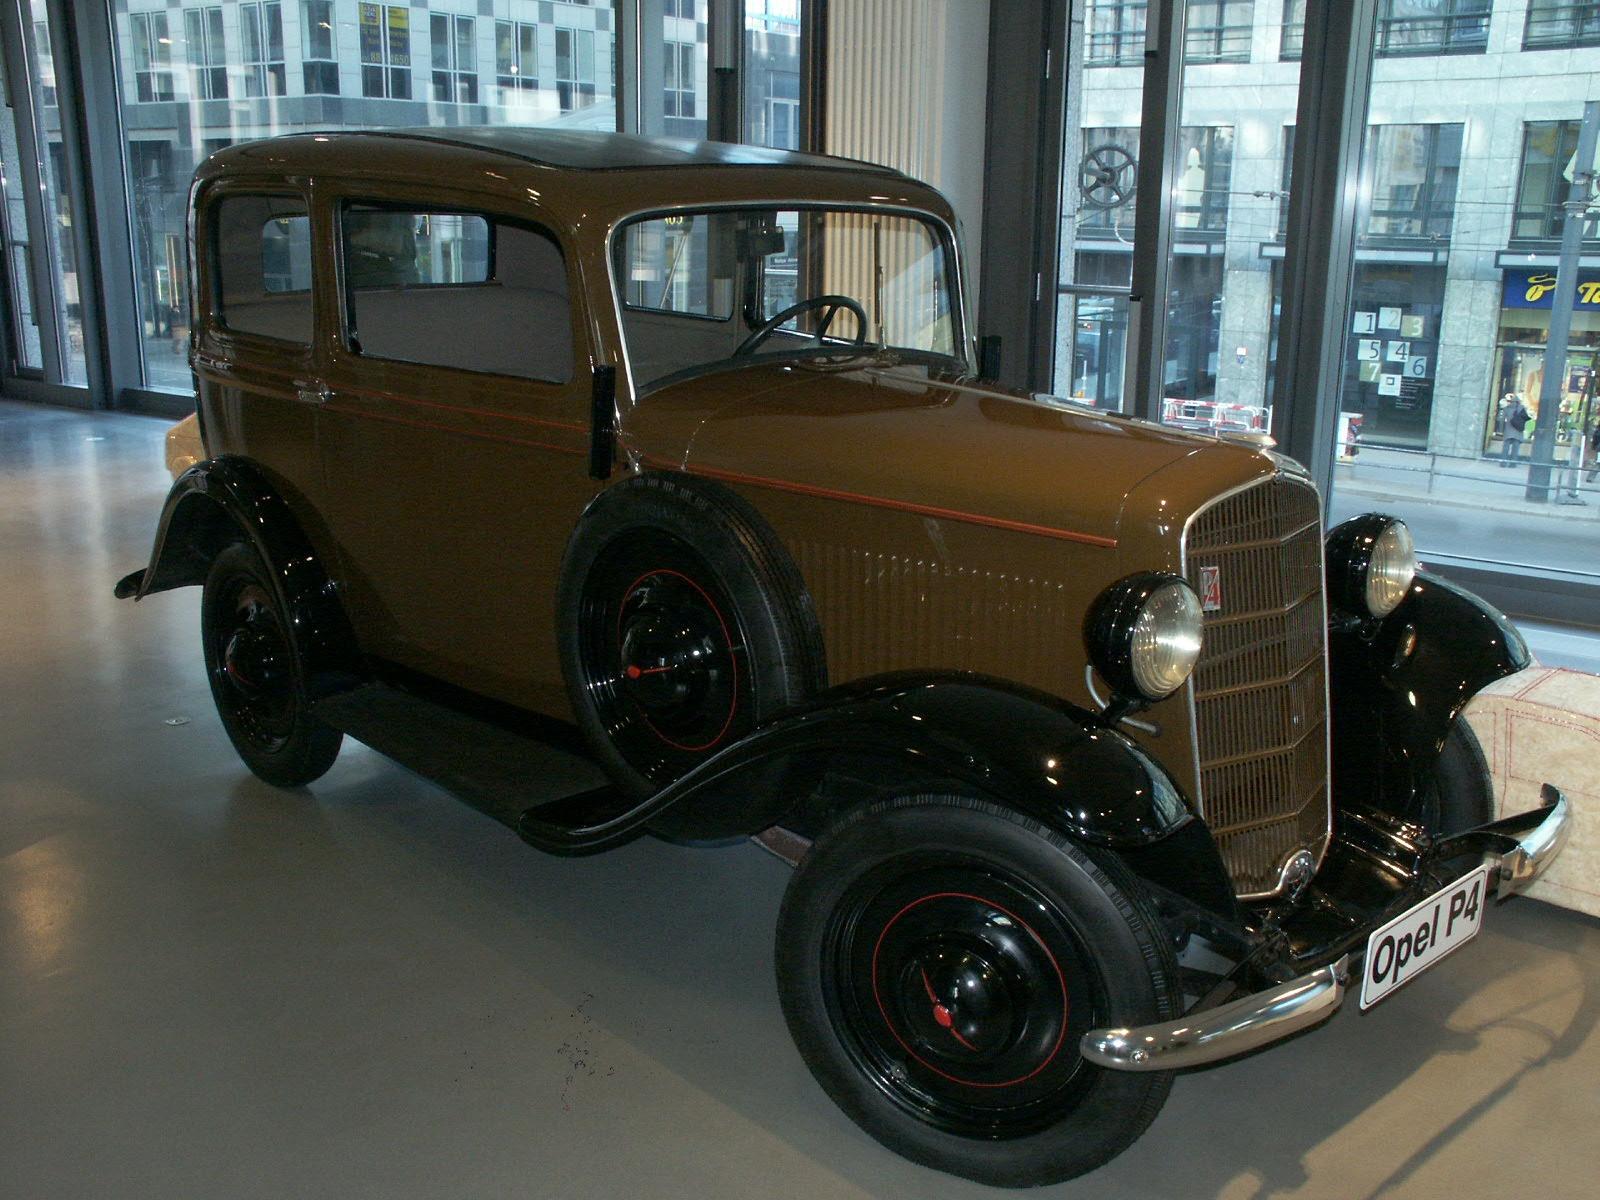 Los principios de Opel y sus modelos OpelP4